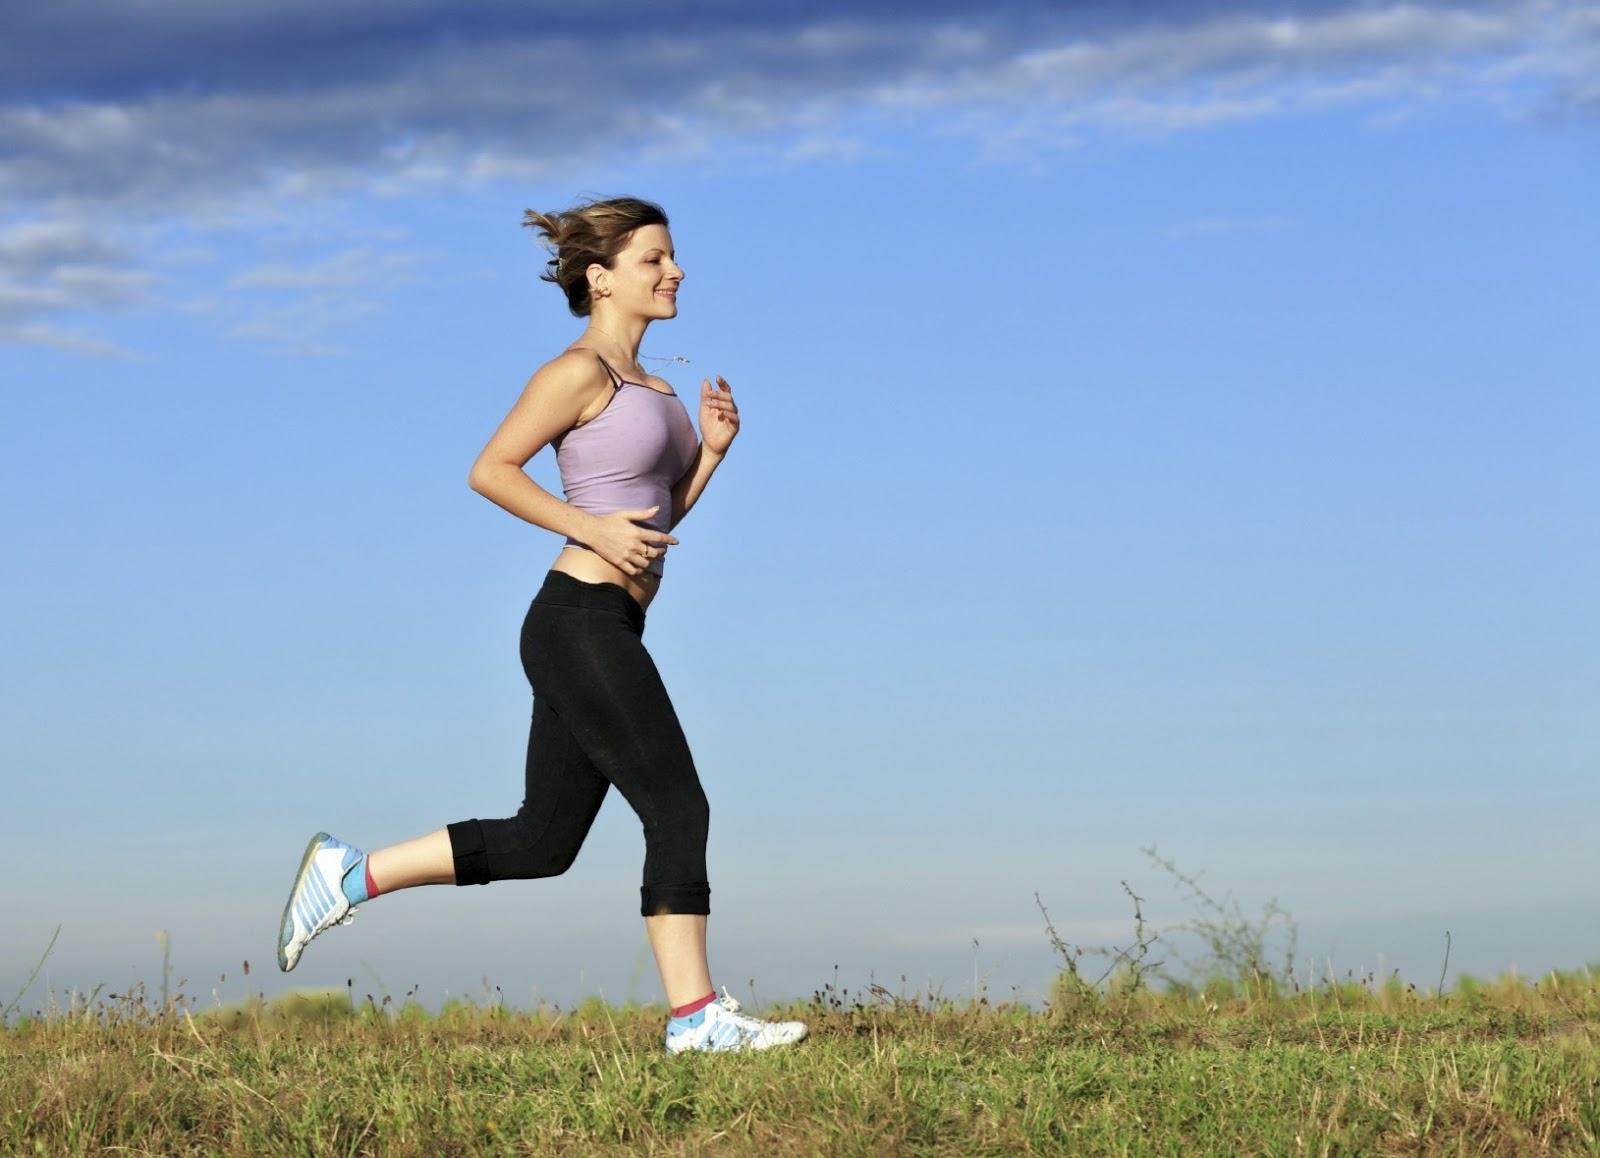 duy trì hoạt động thể dục thể thao